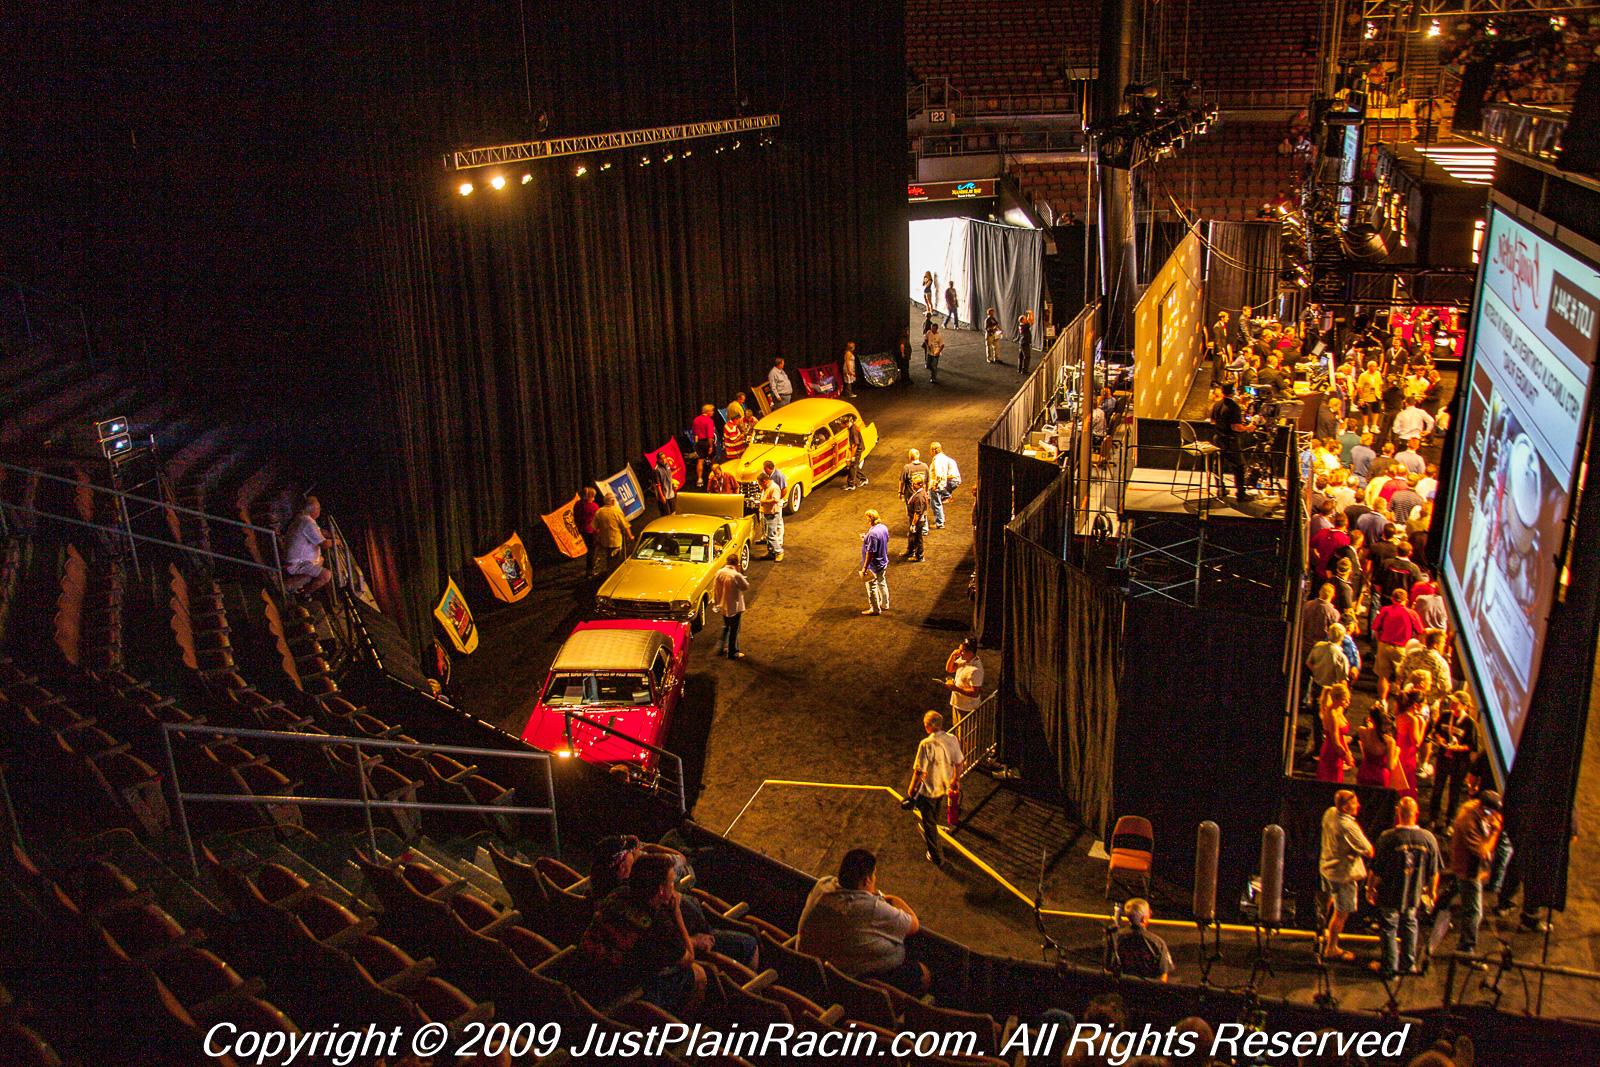 2009 10 09 NV - Barrett-Jackson 2.jpg